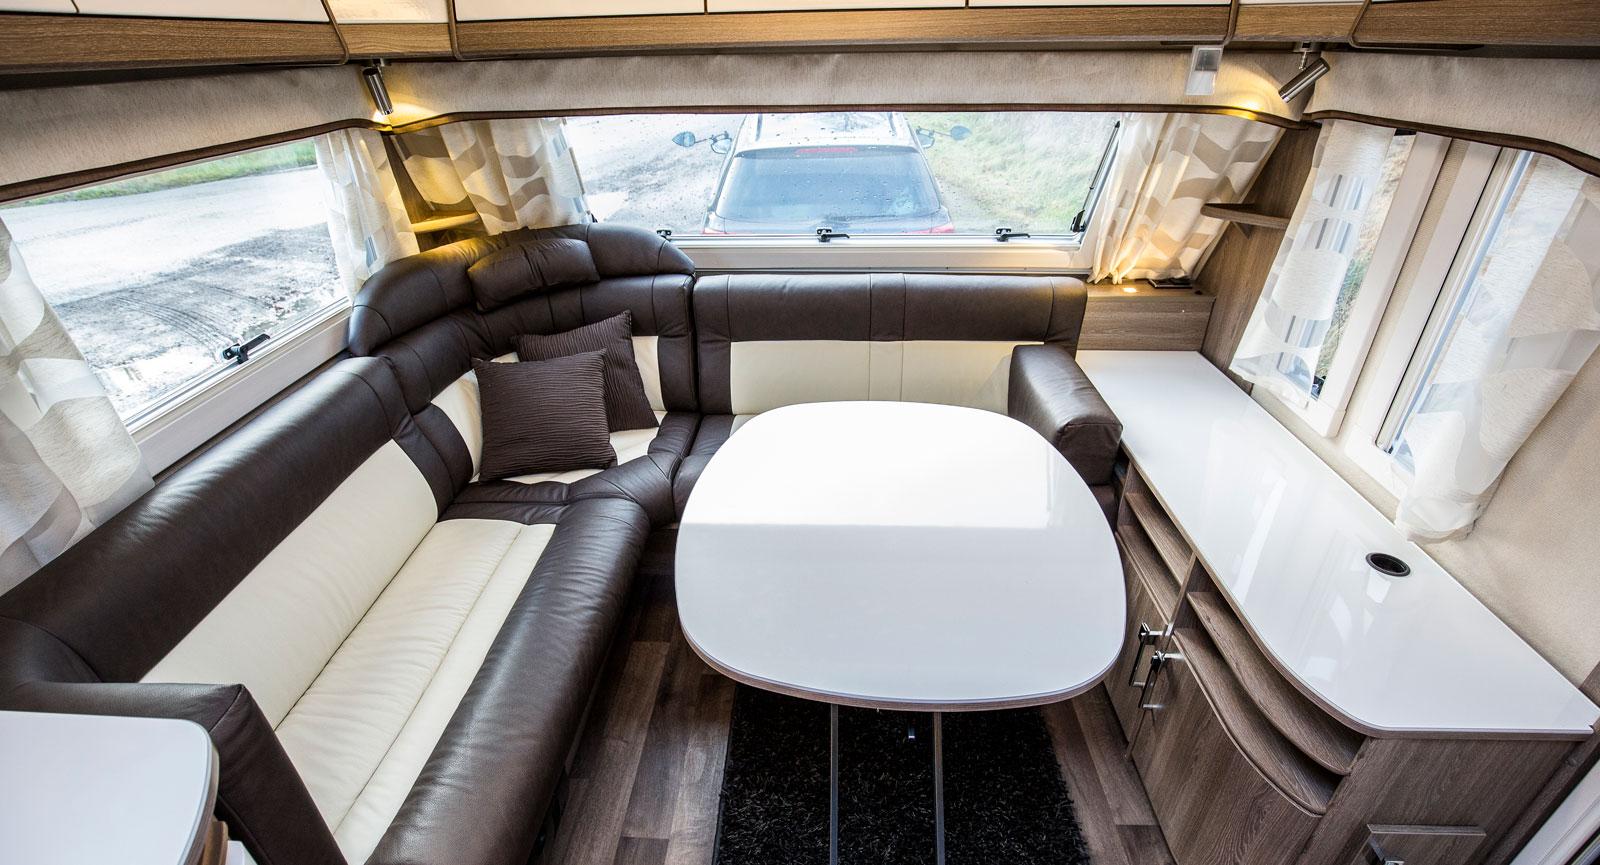 Ljust. Vagnens främre del präglas av de stora fönstren och takluckan som ger ljus och rymd. Ett trevligt vardagsrum.